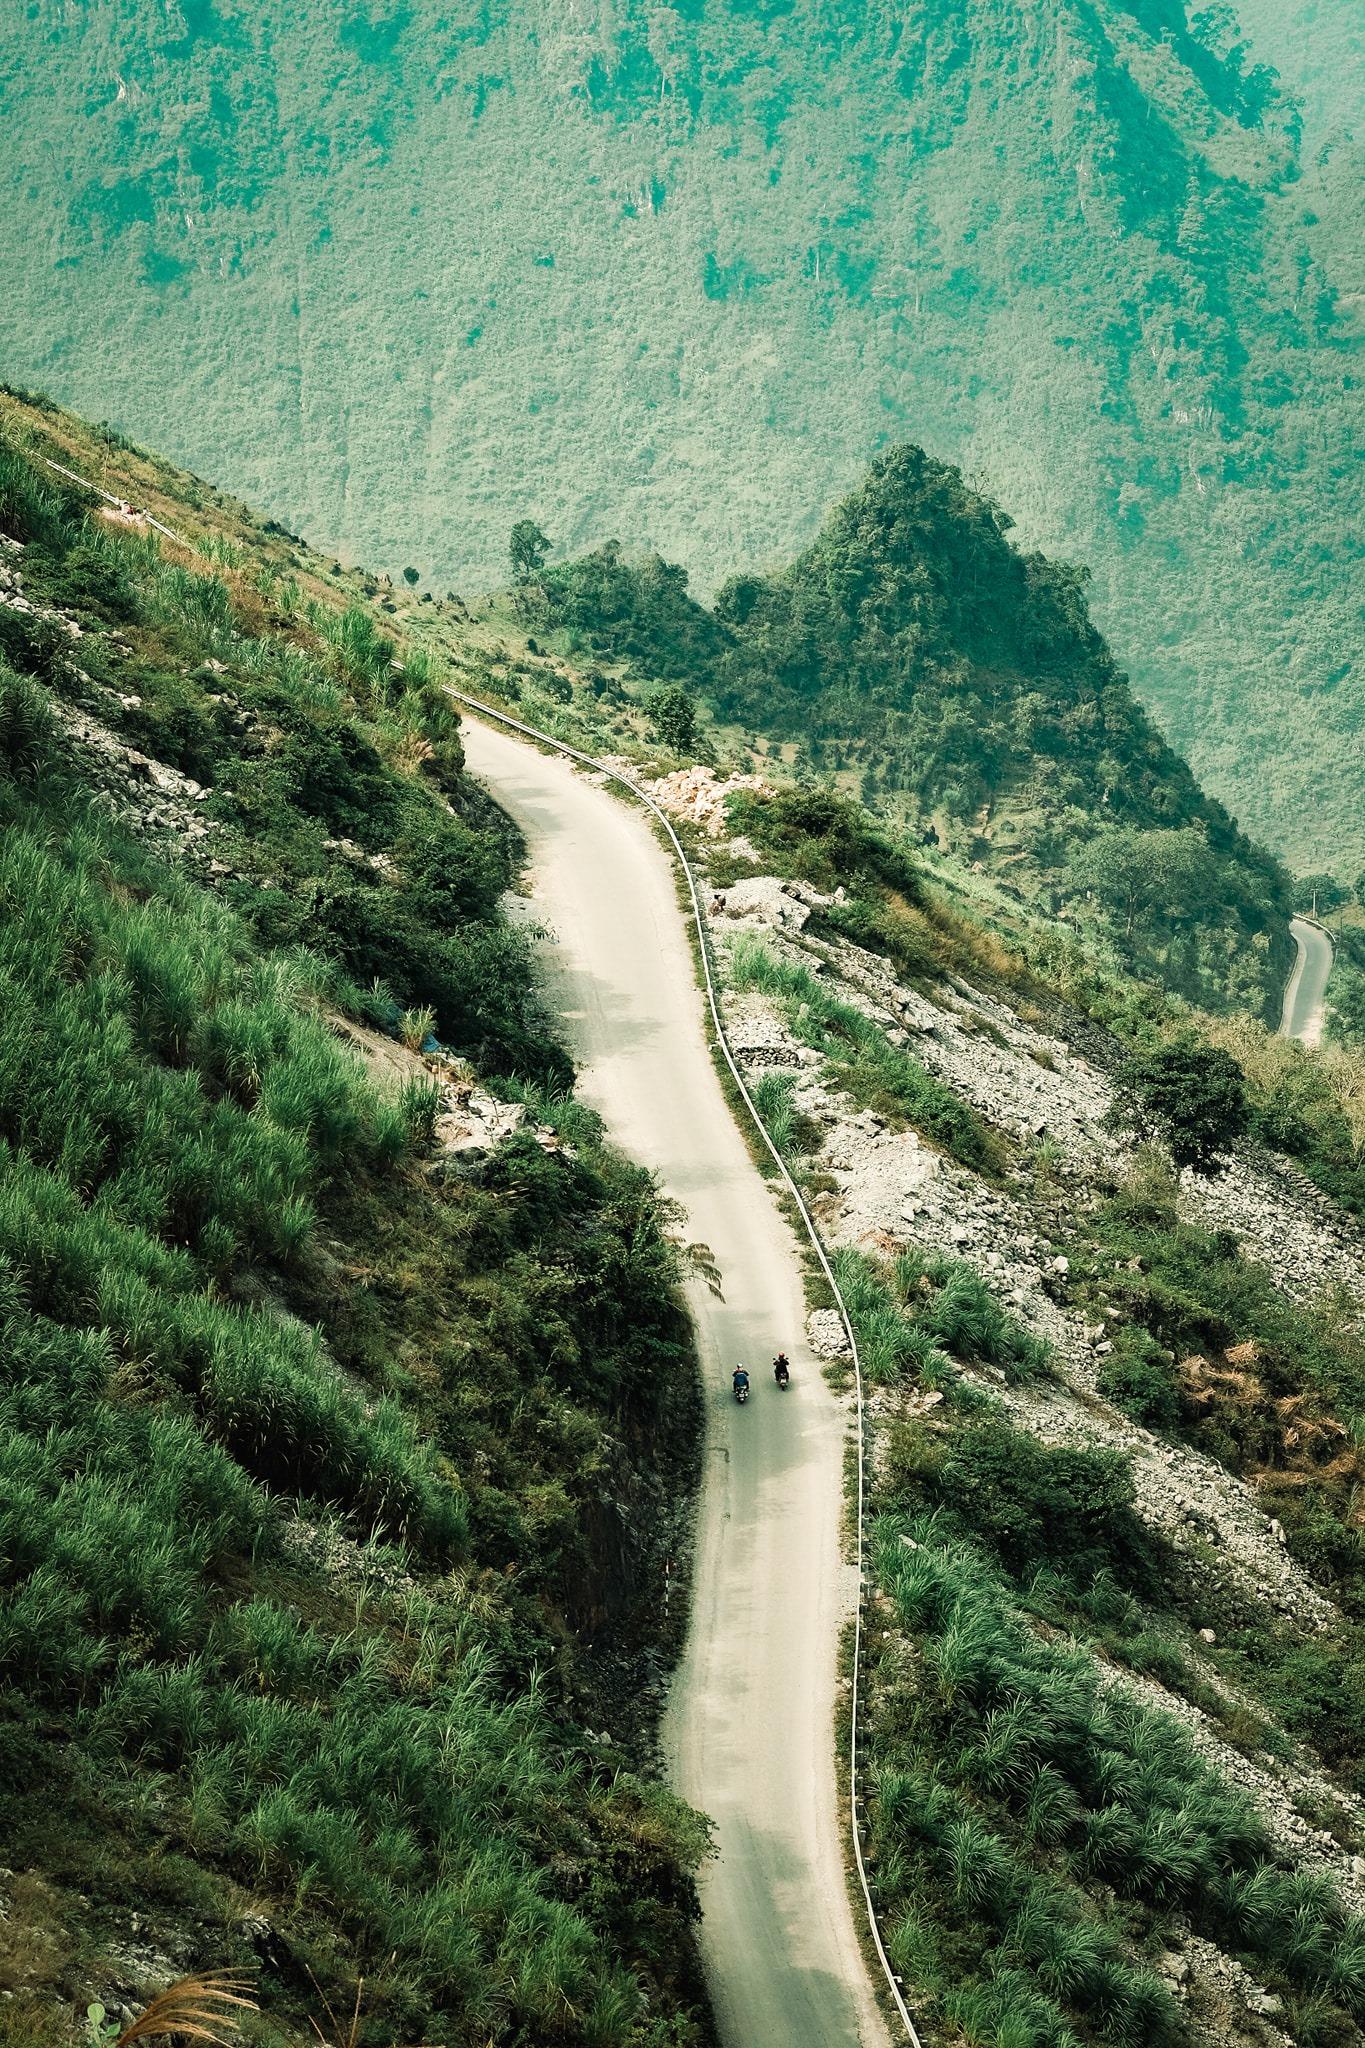 Khám phá Mã Pí Lèng, một trong 'tứ đại đỉnh đèo' của Việt Nam  - Ảnh 2.